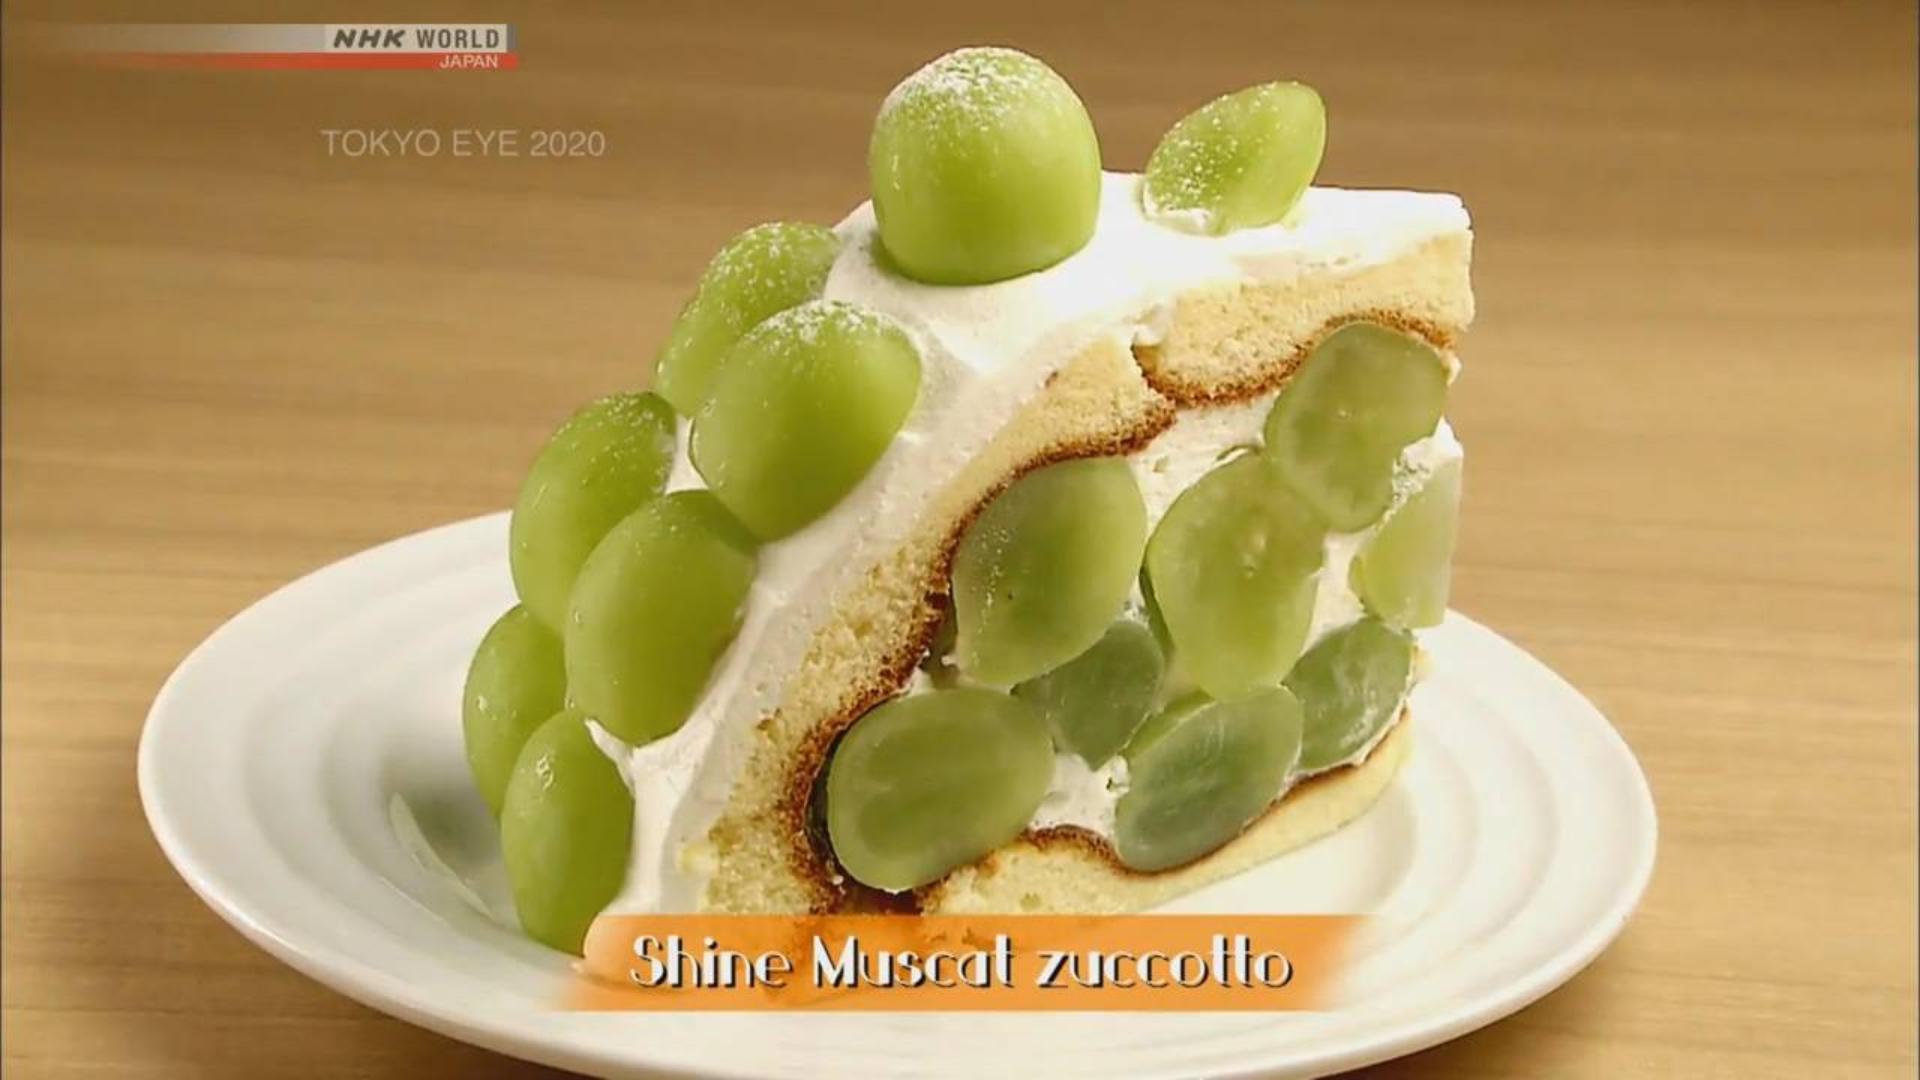 纪录片.NHK.水果甜点:东京视角2020.东京最新甜品风潮